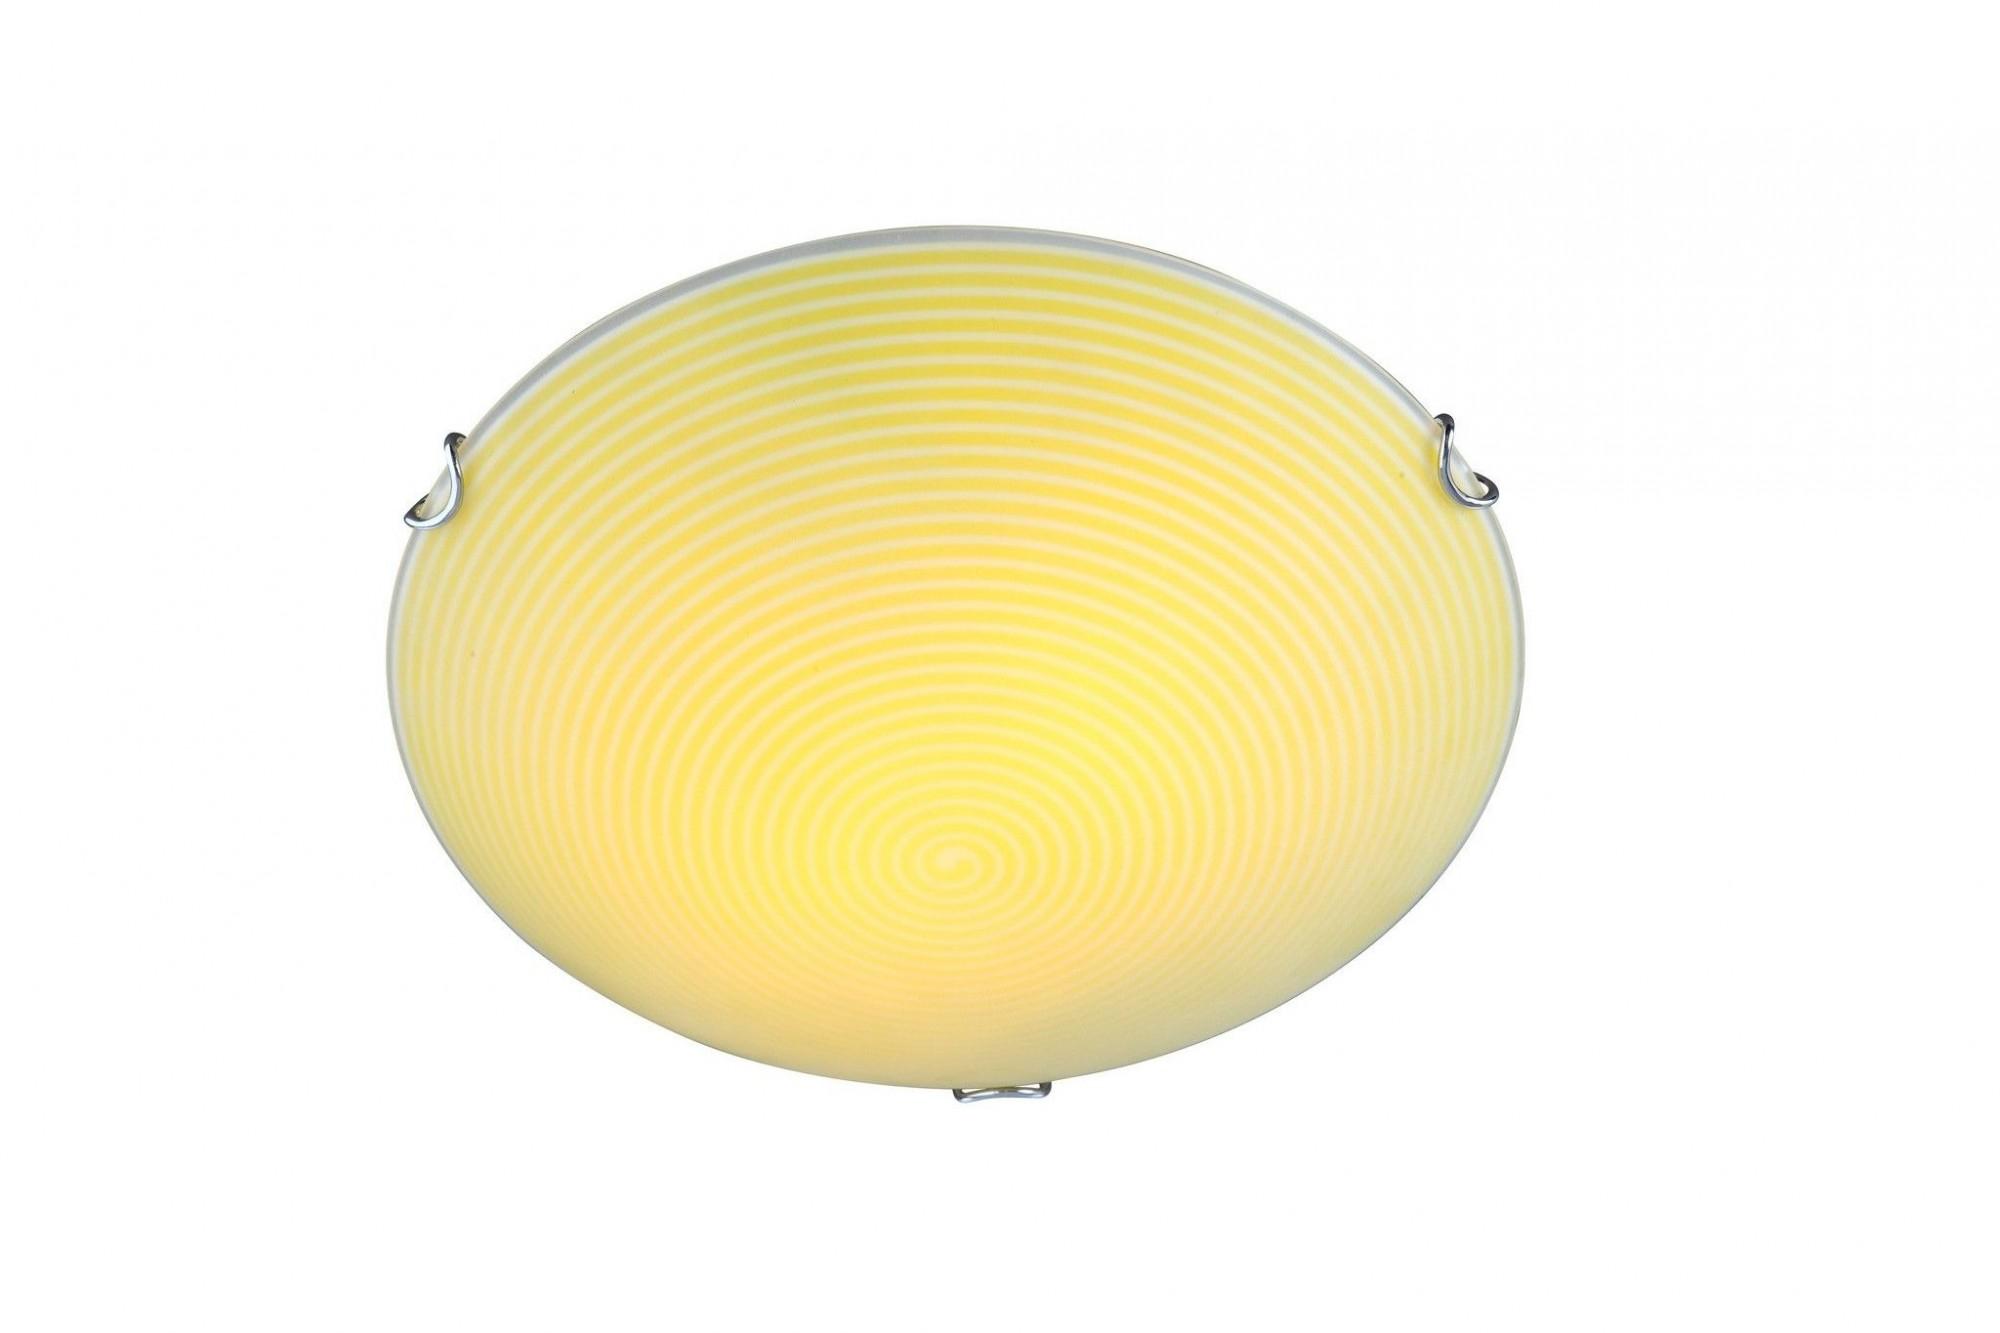 Фото товара A7240PL-3CC Arte Lamp